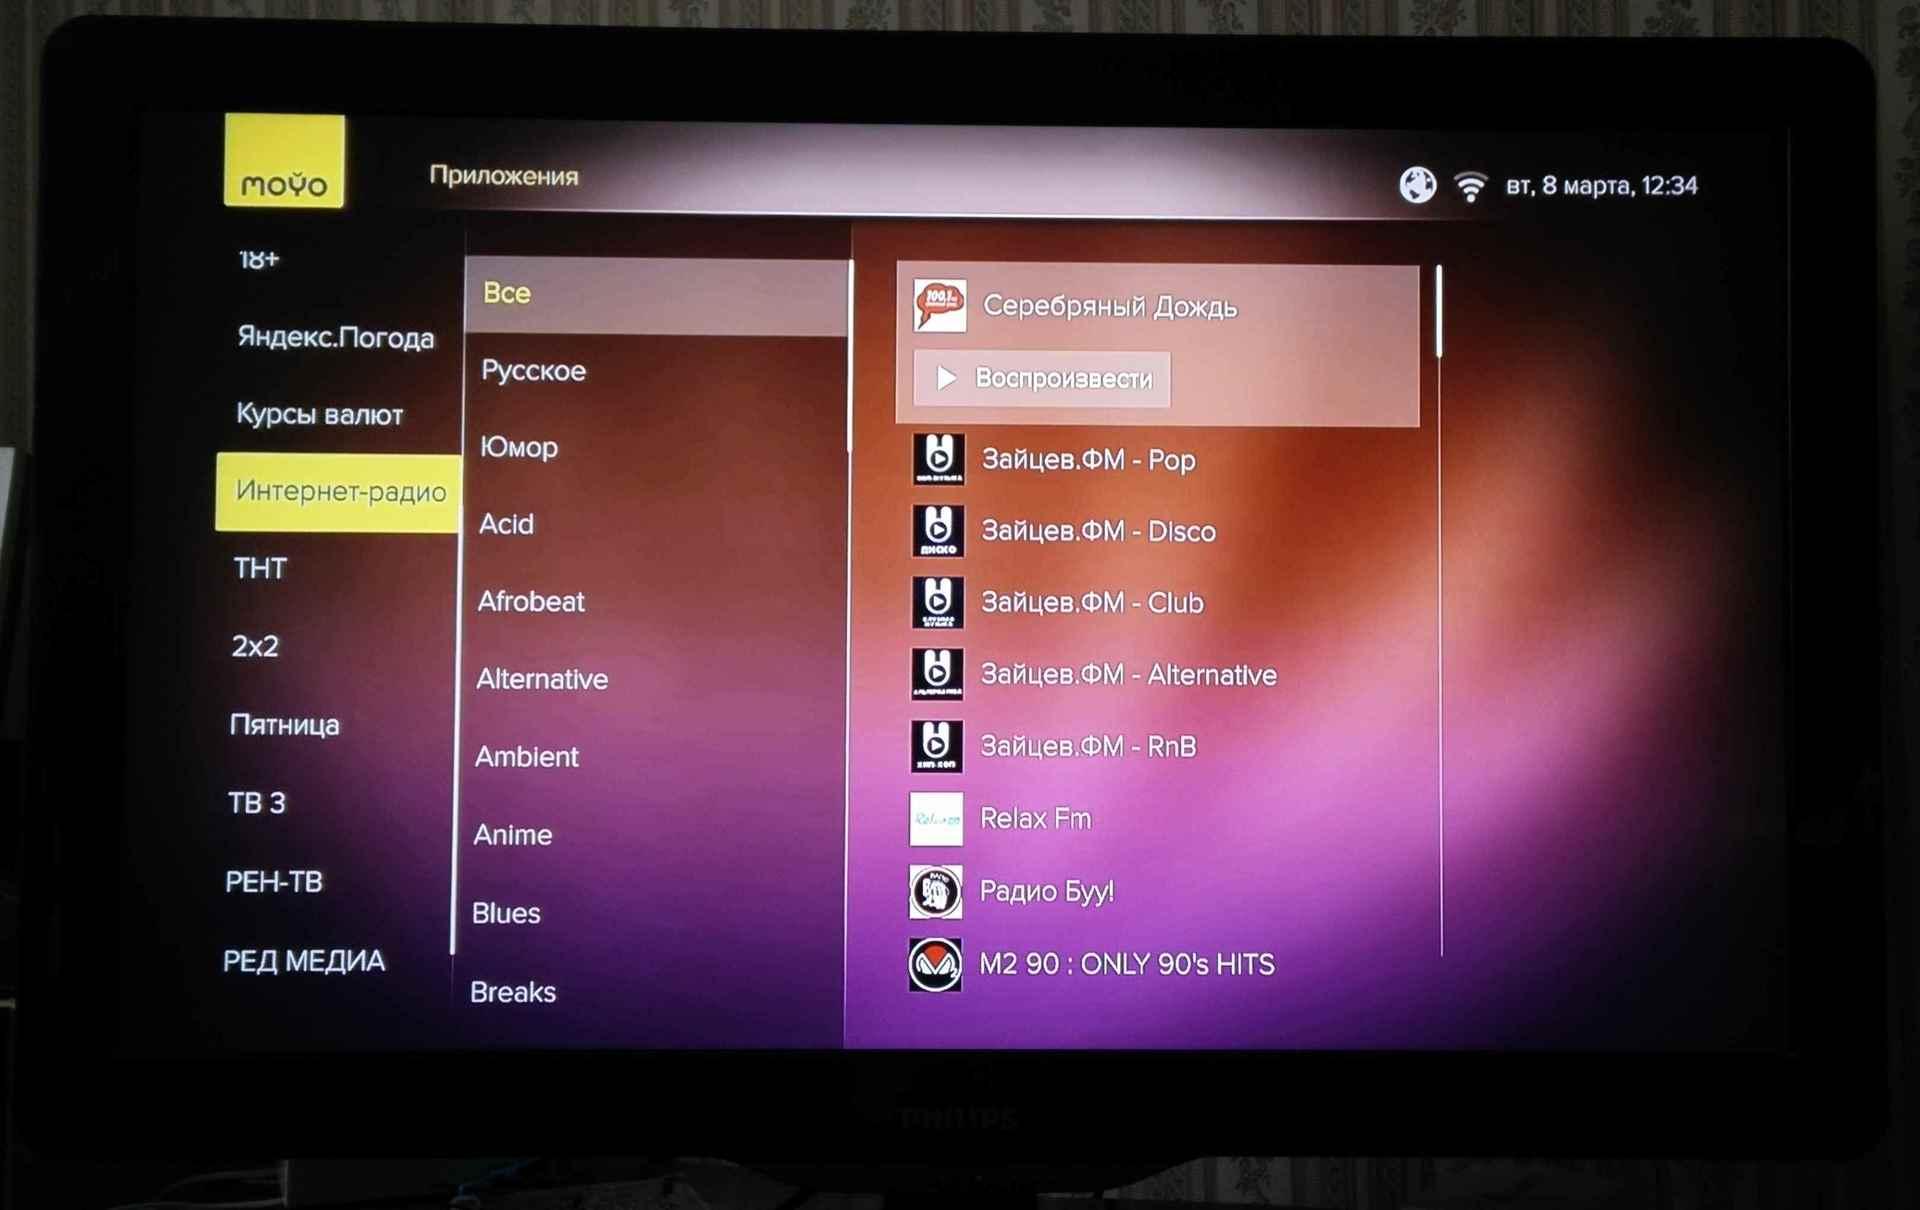 MOYO WOW — ТВ тоже может быть с интеллектом - 82